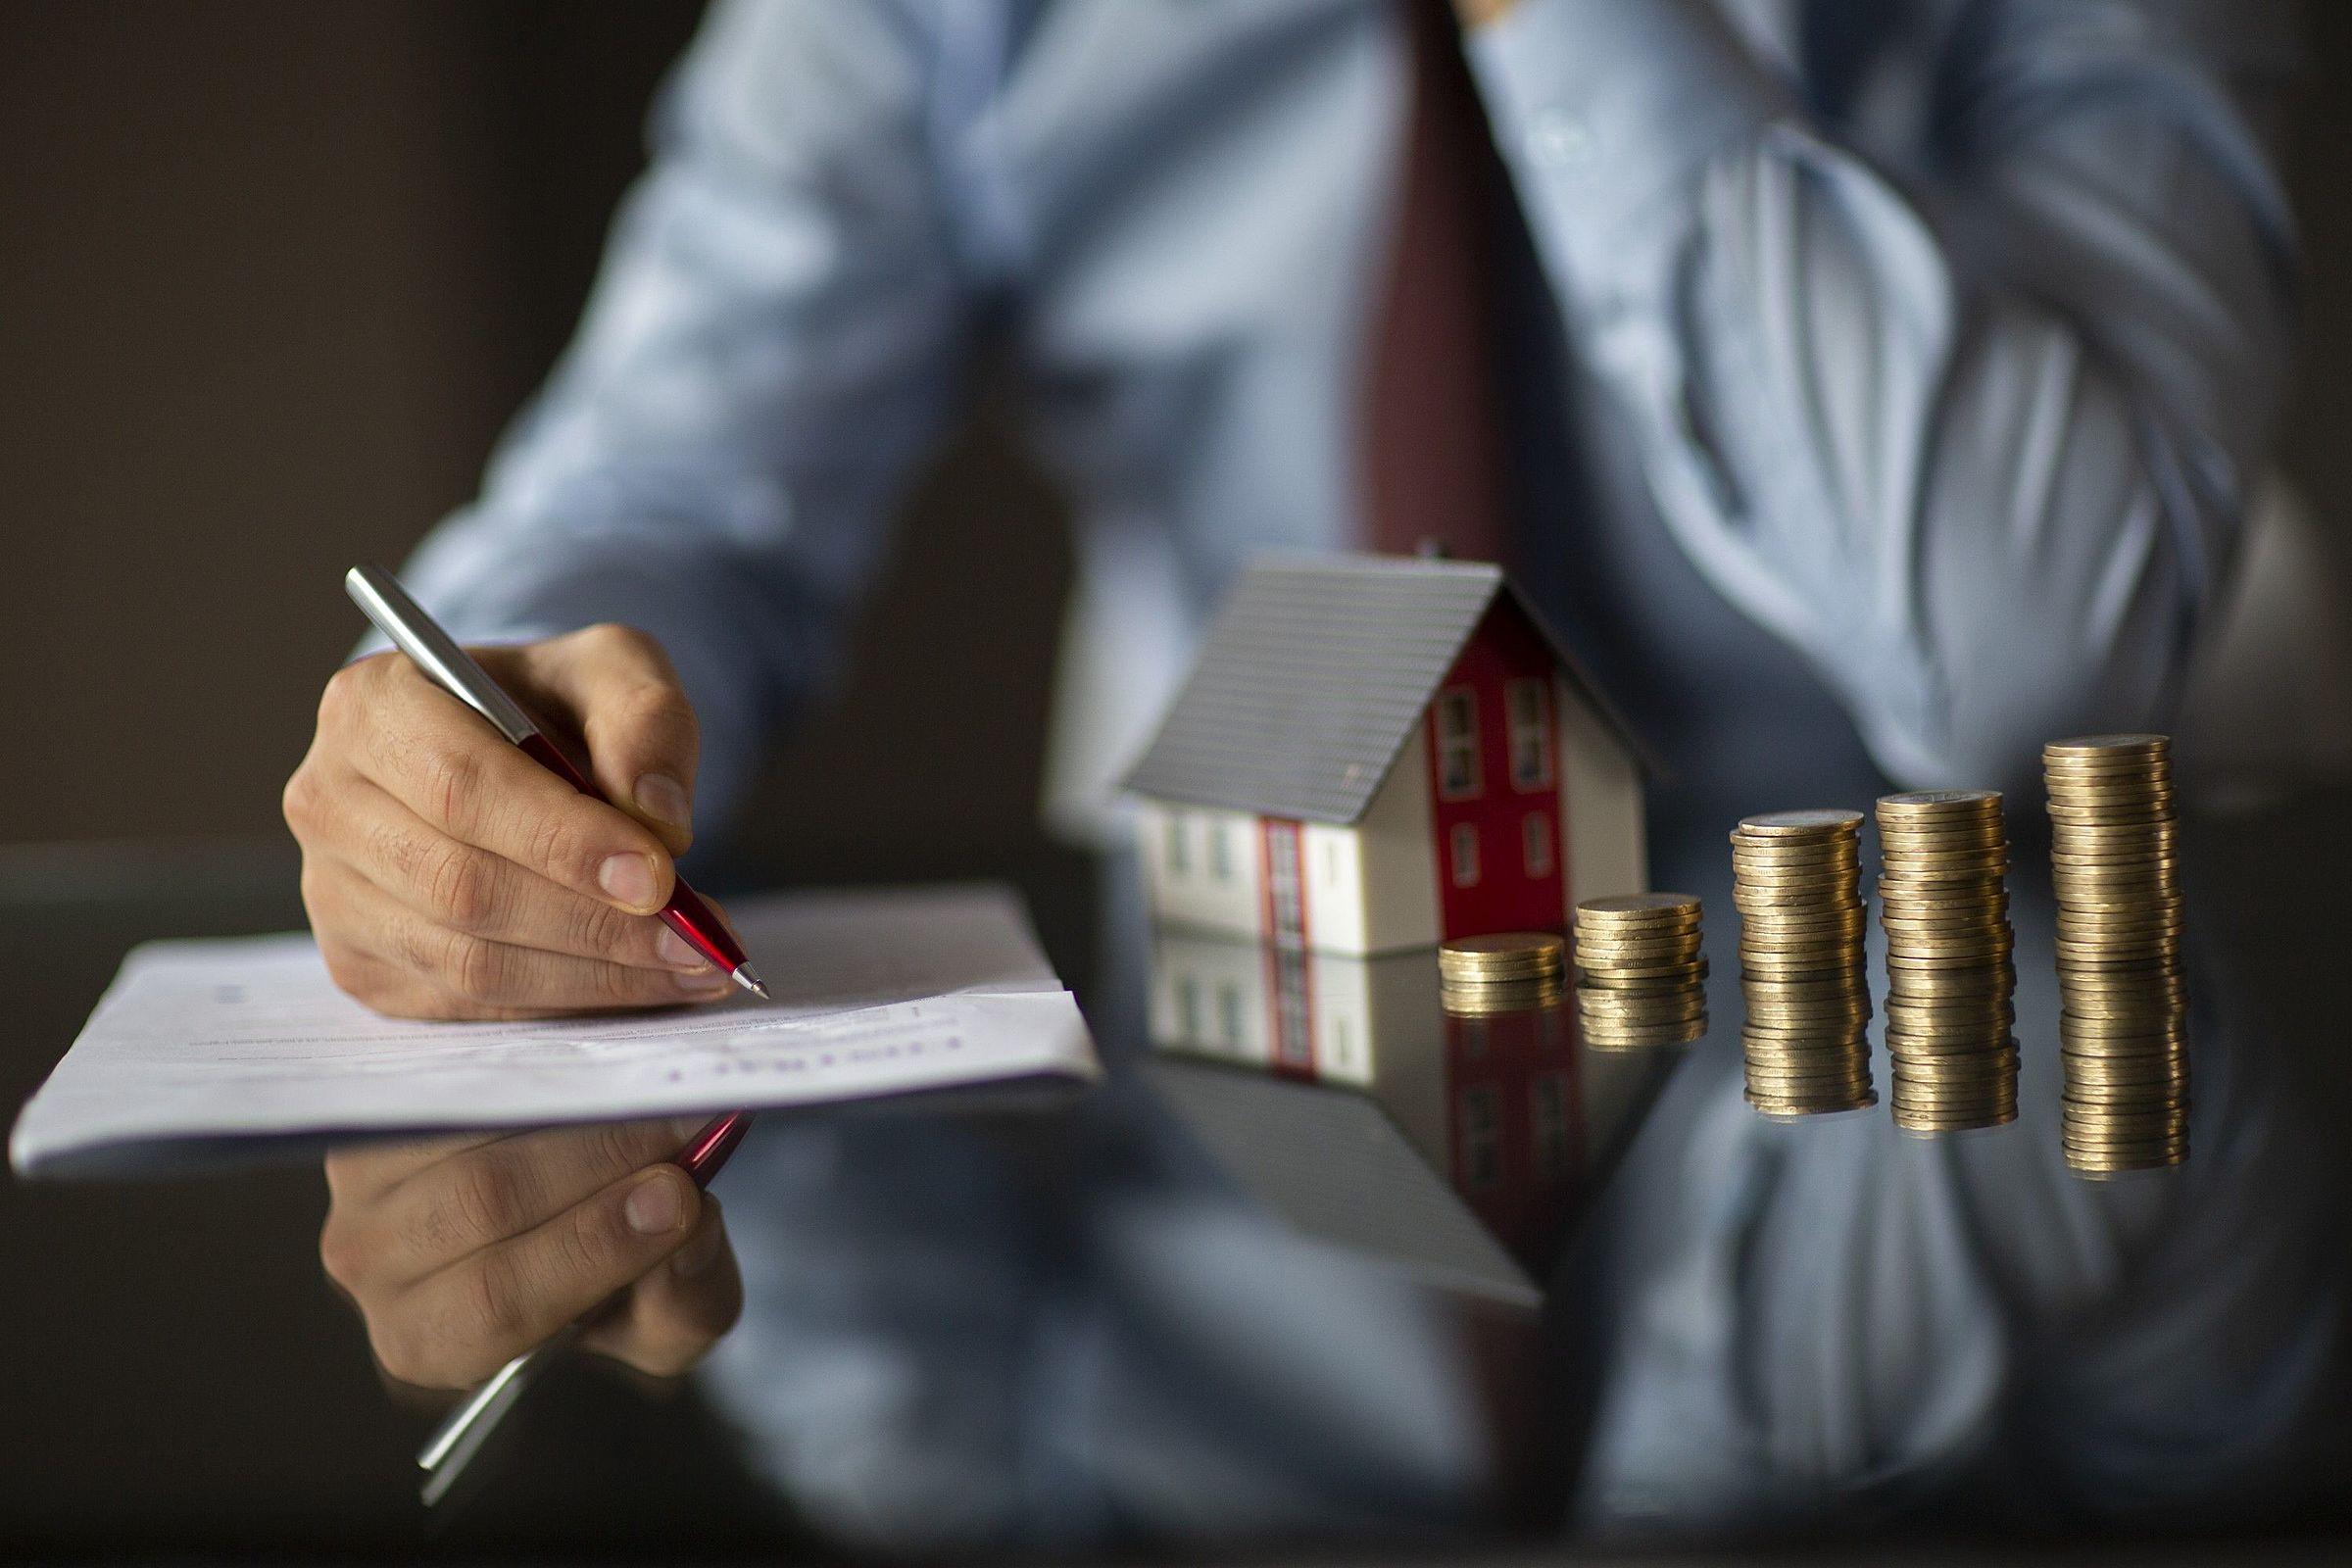 Como fazer empréstimo com garantia de imóvel para negativado?